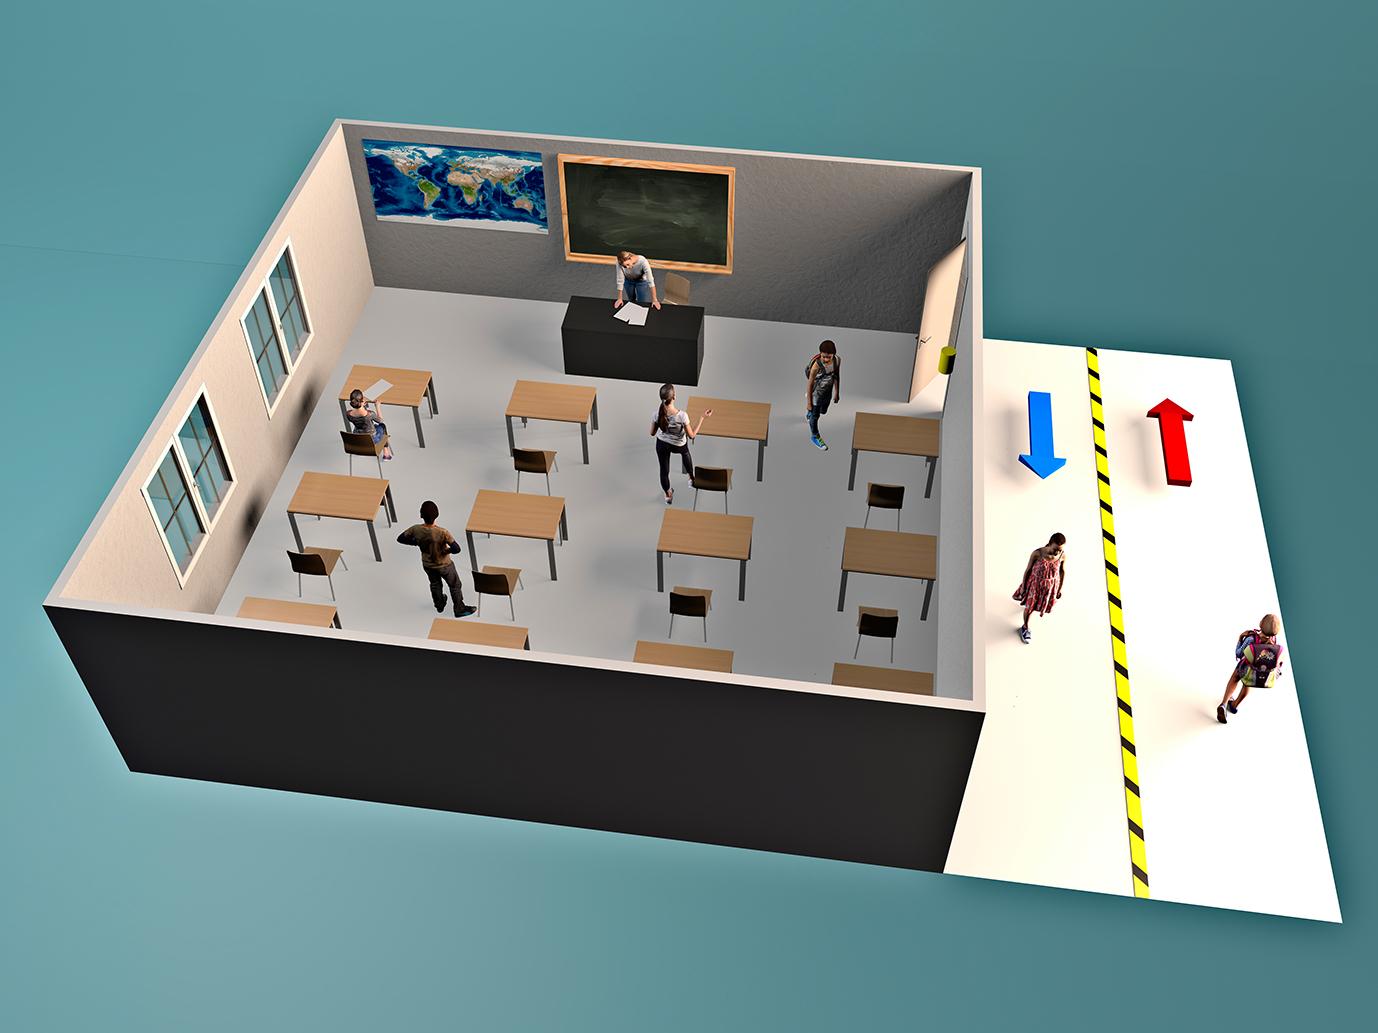 Socially distant classroom design plan